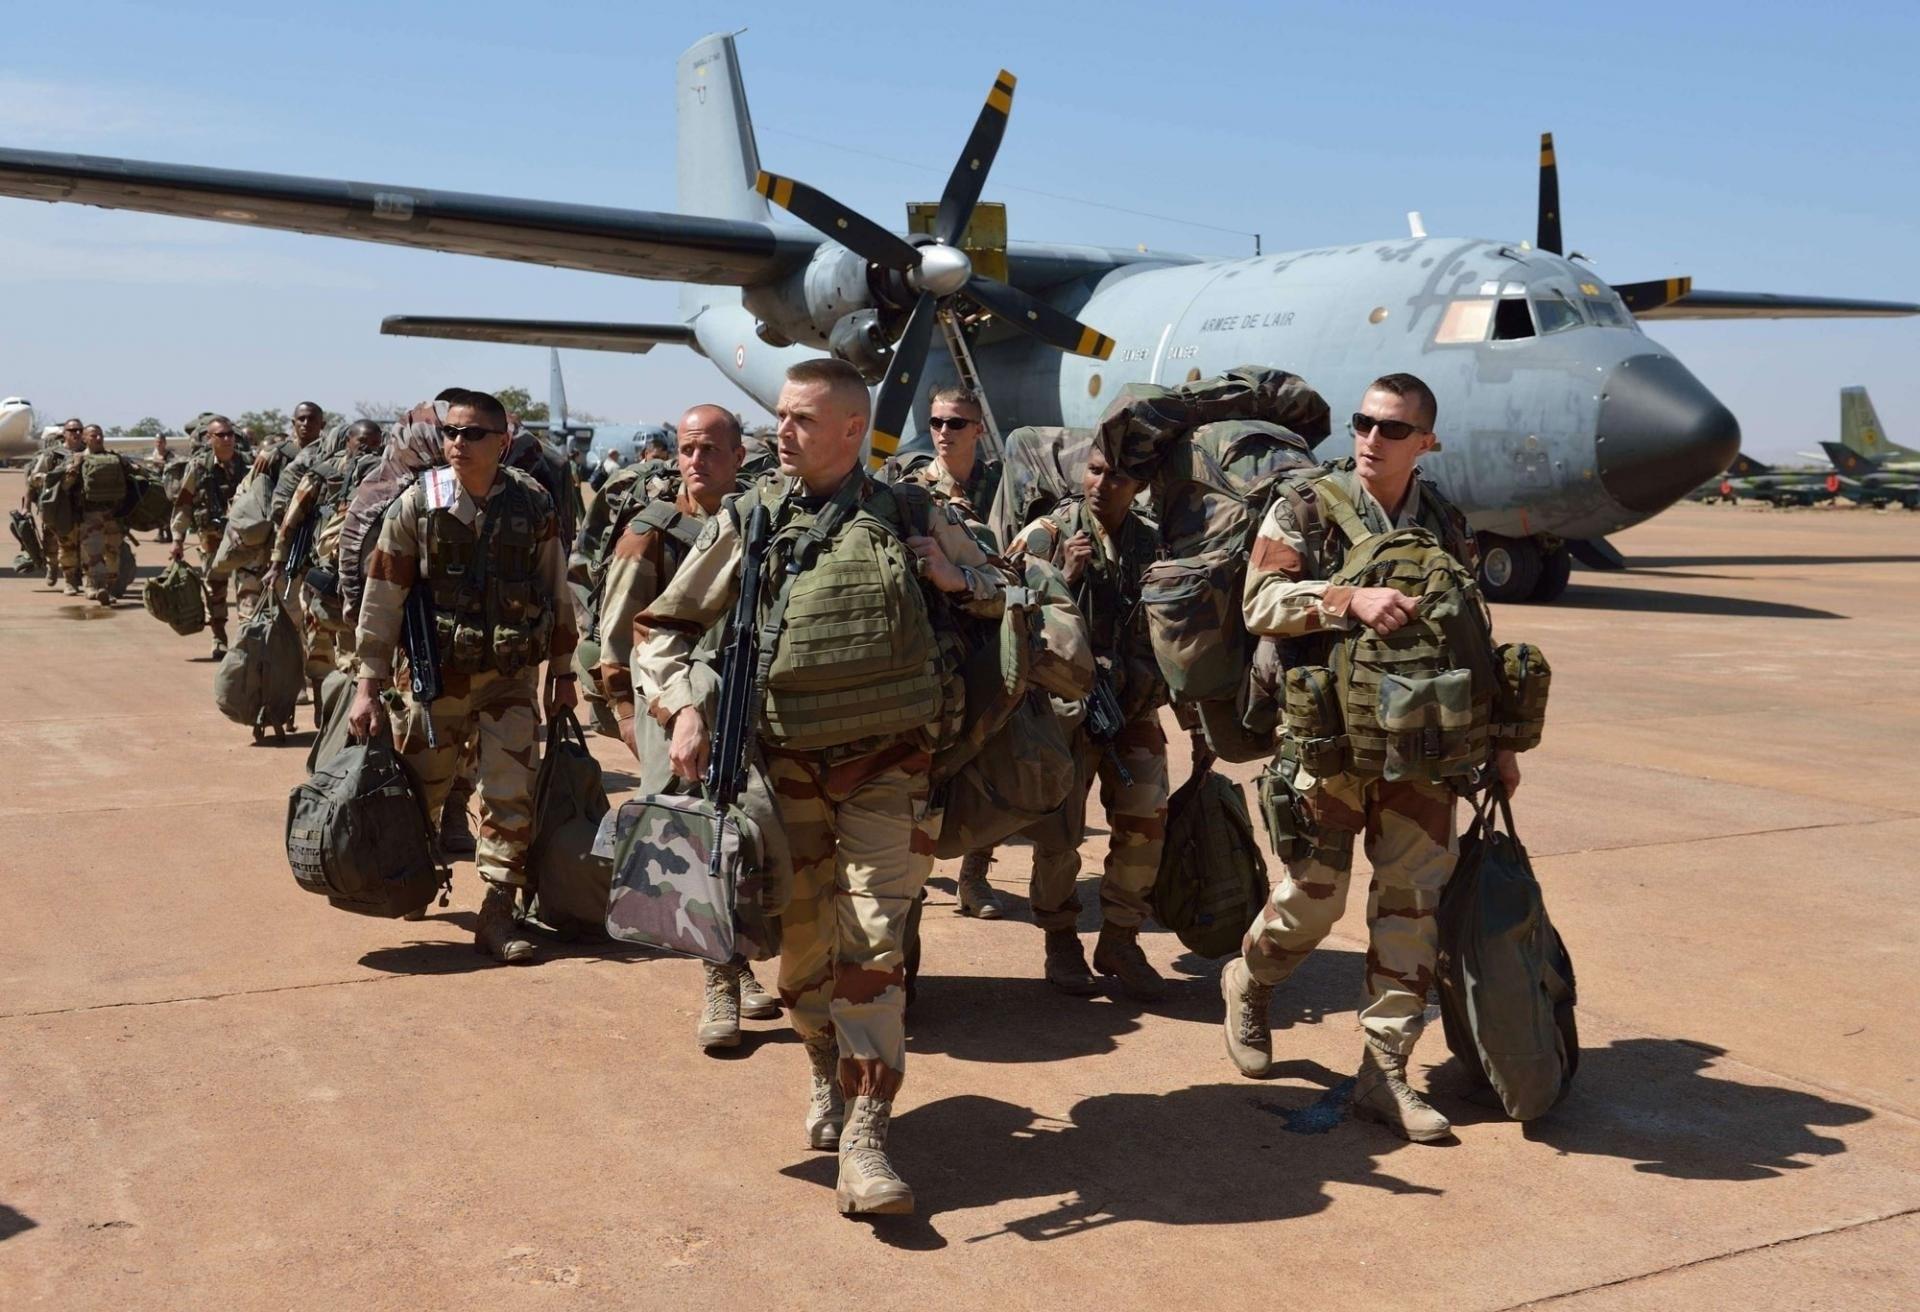 العراق يتسلم مقر مستشاري قوات التحالف الدولي في بغداد